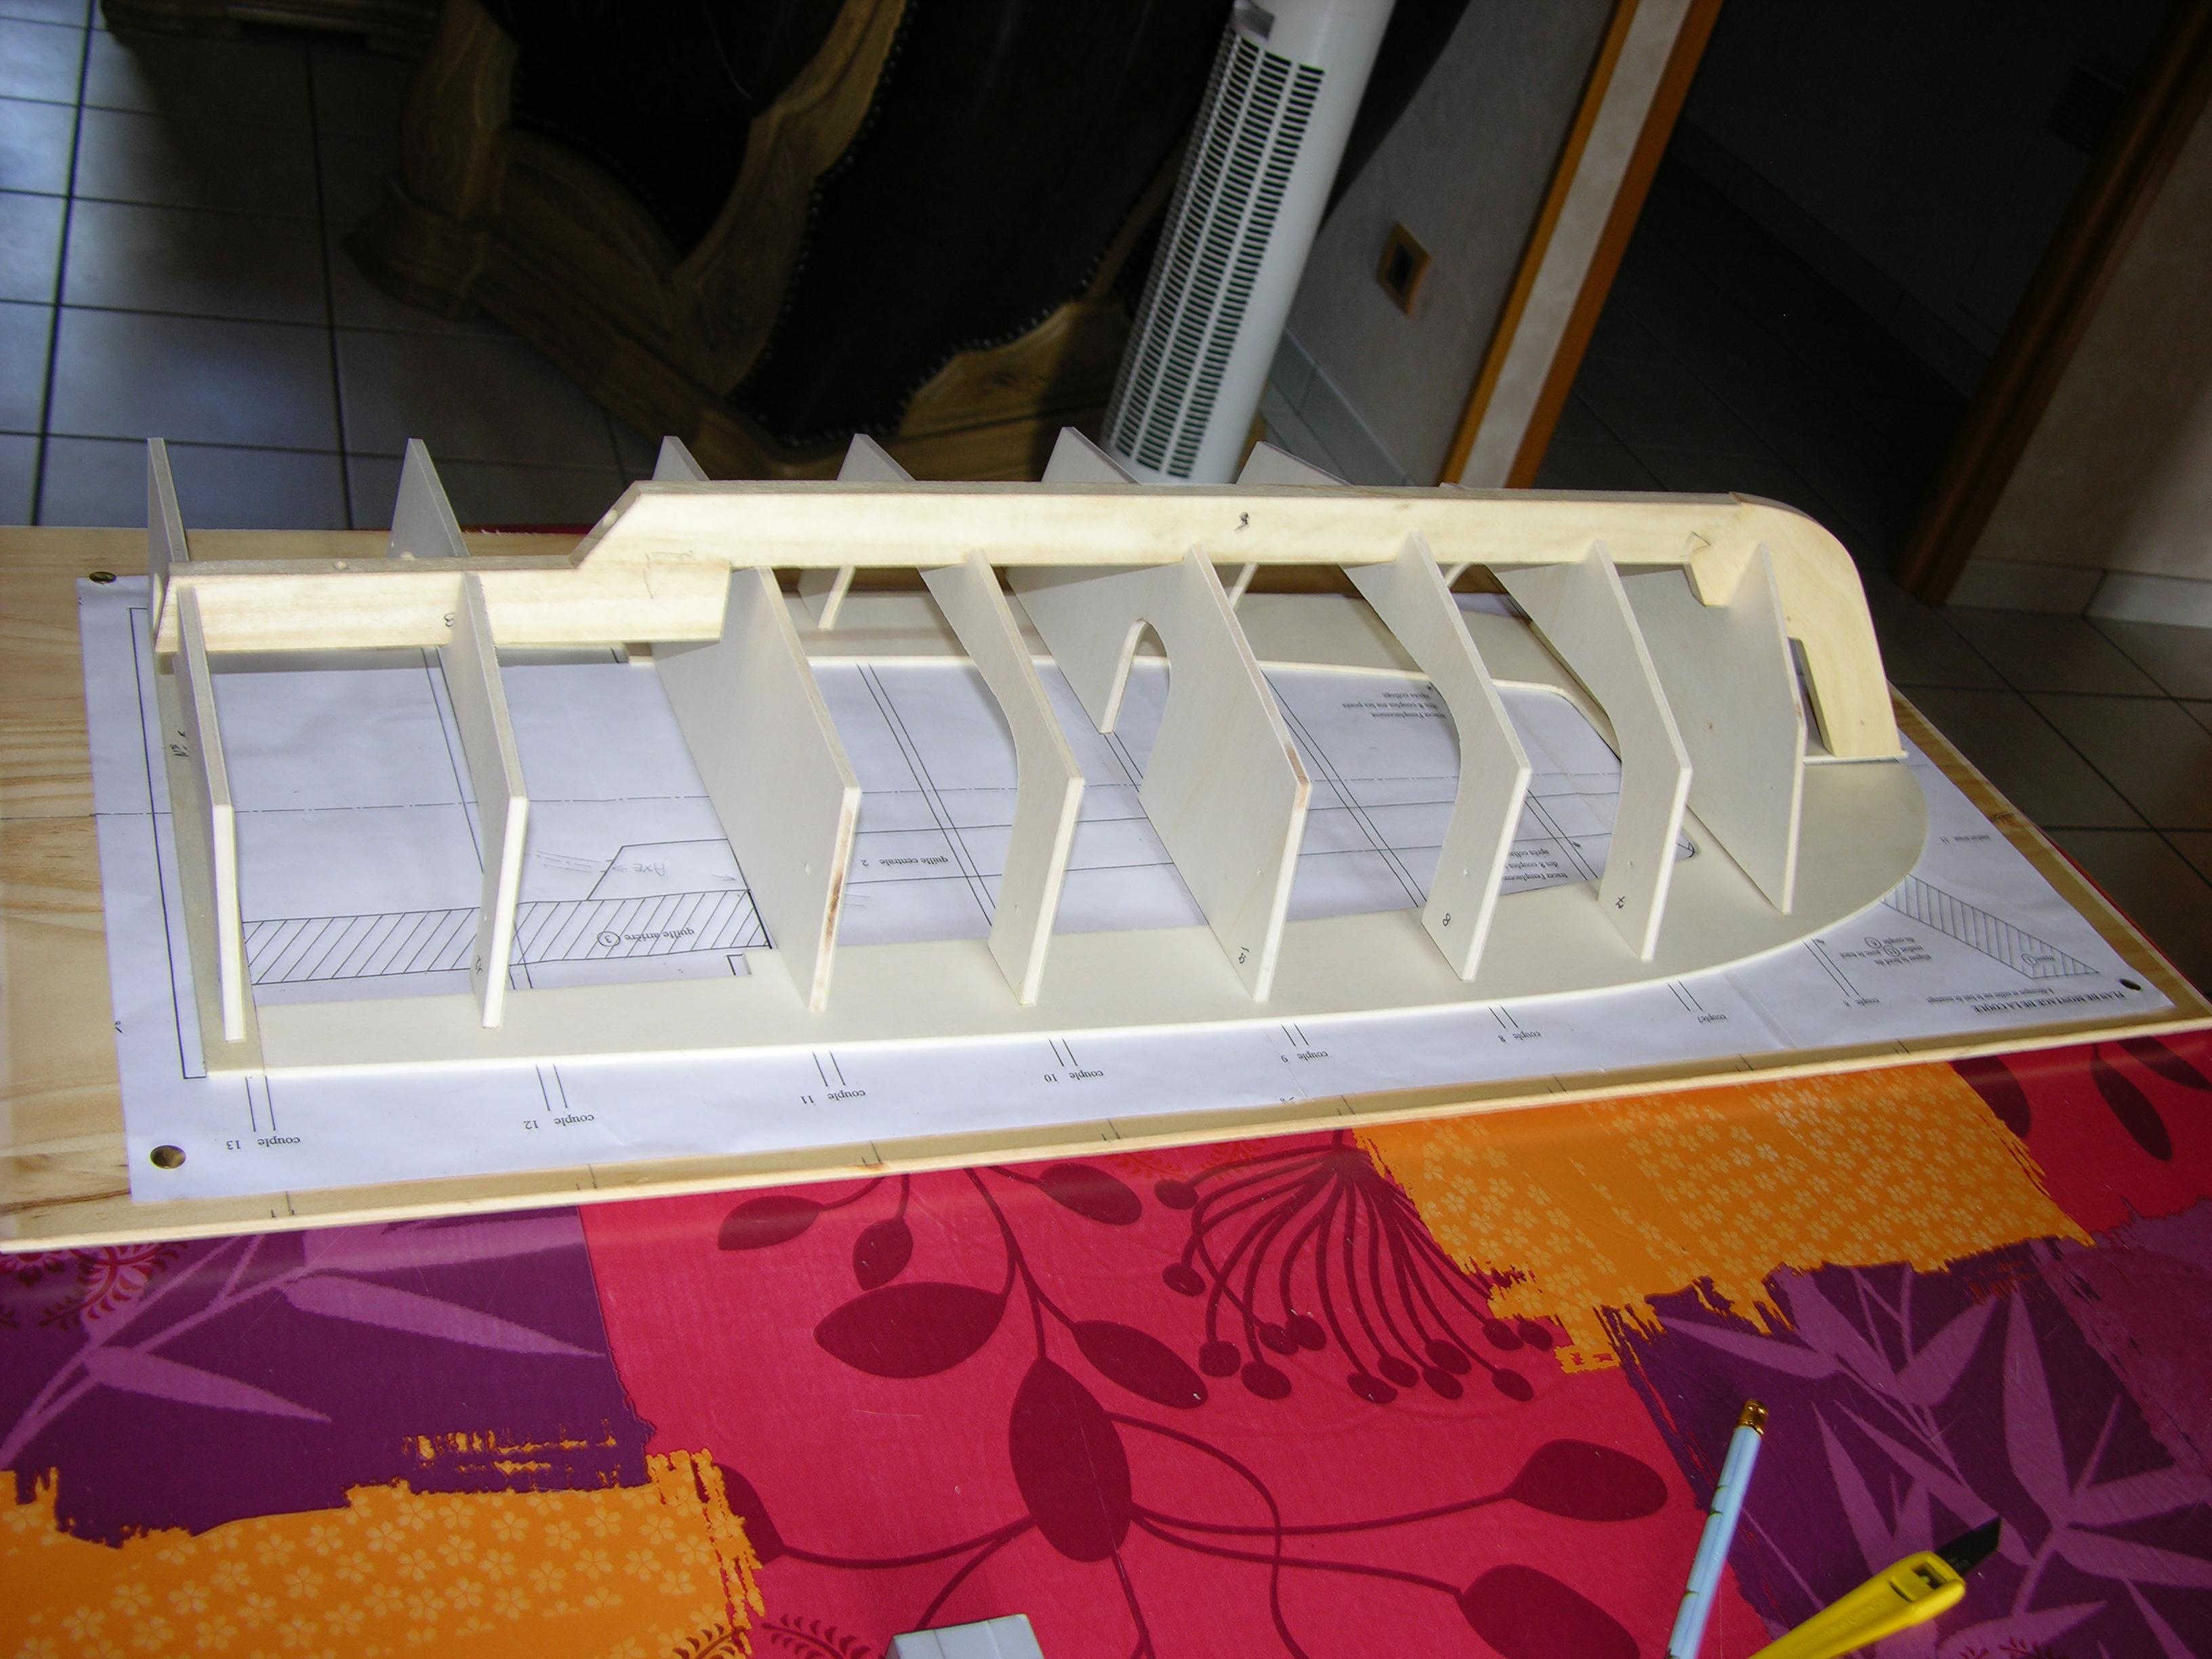 tangaroa,yacht (Fisherman) 150804060536799705